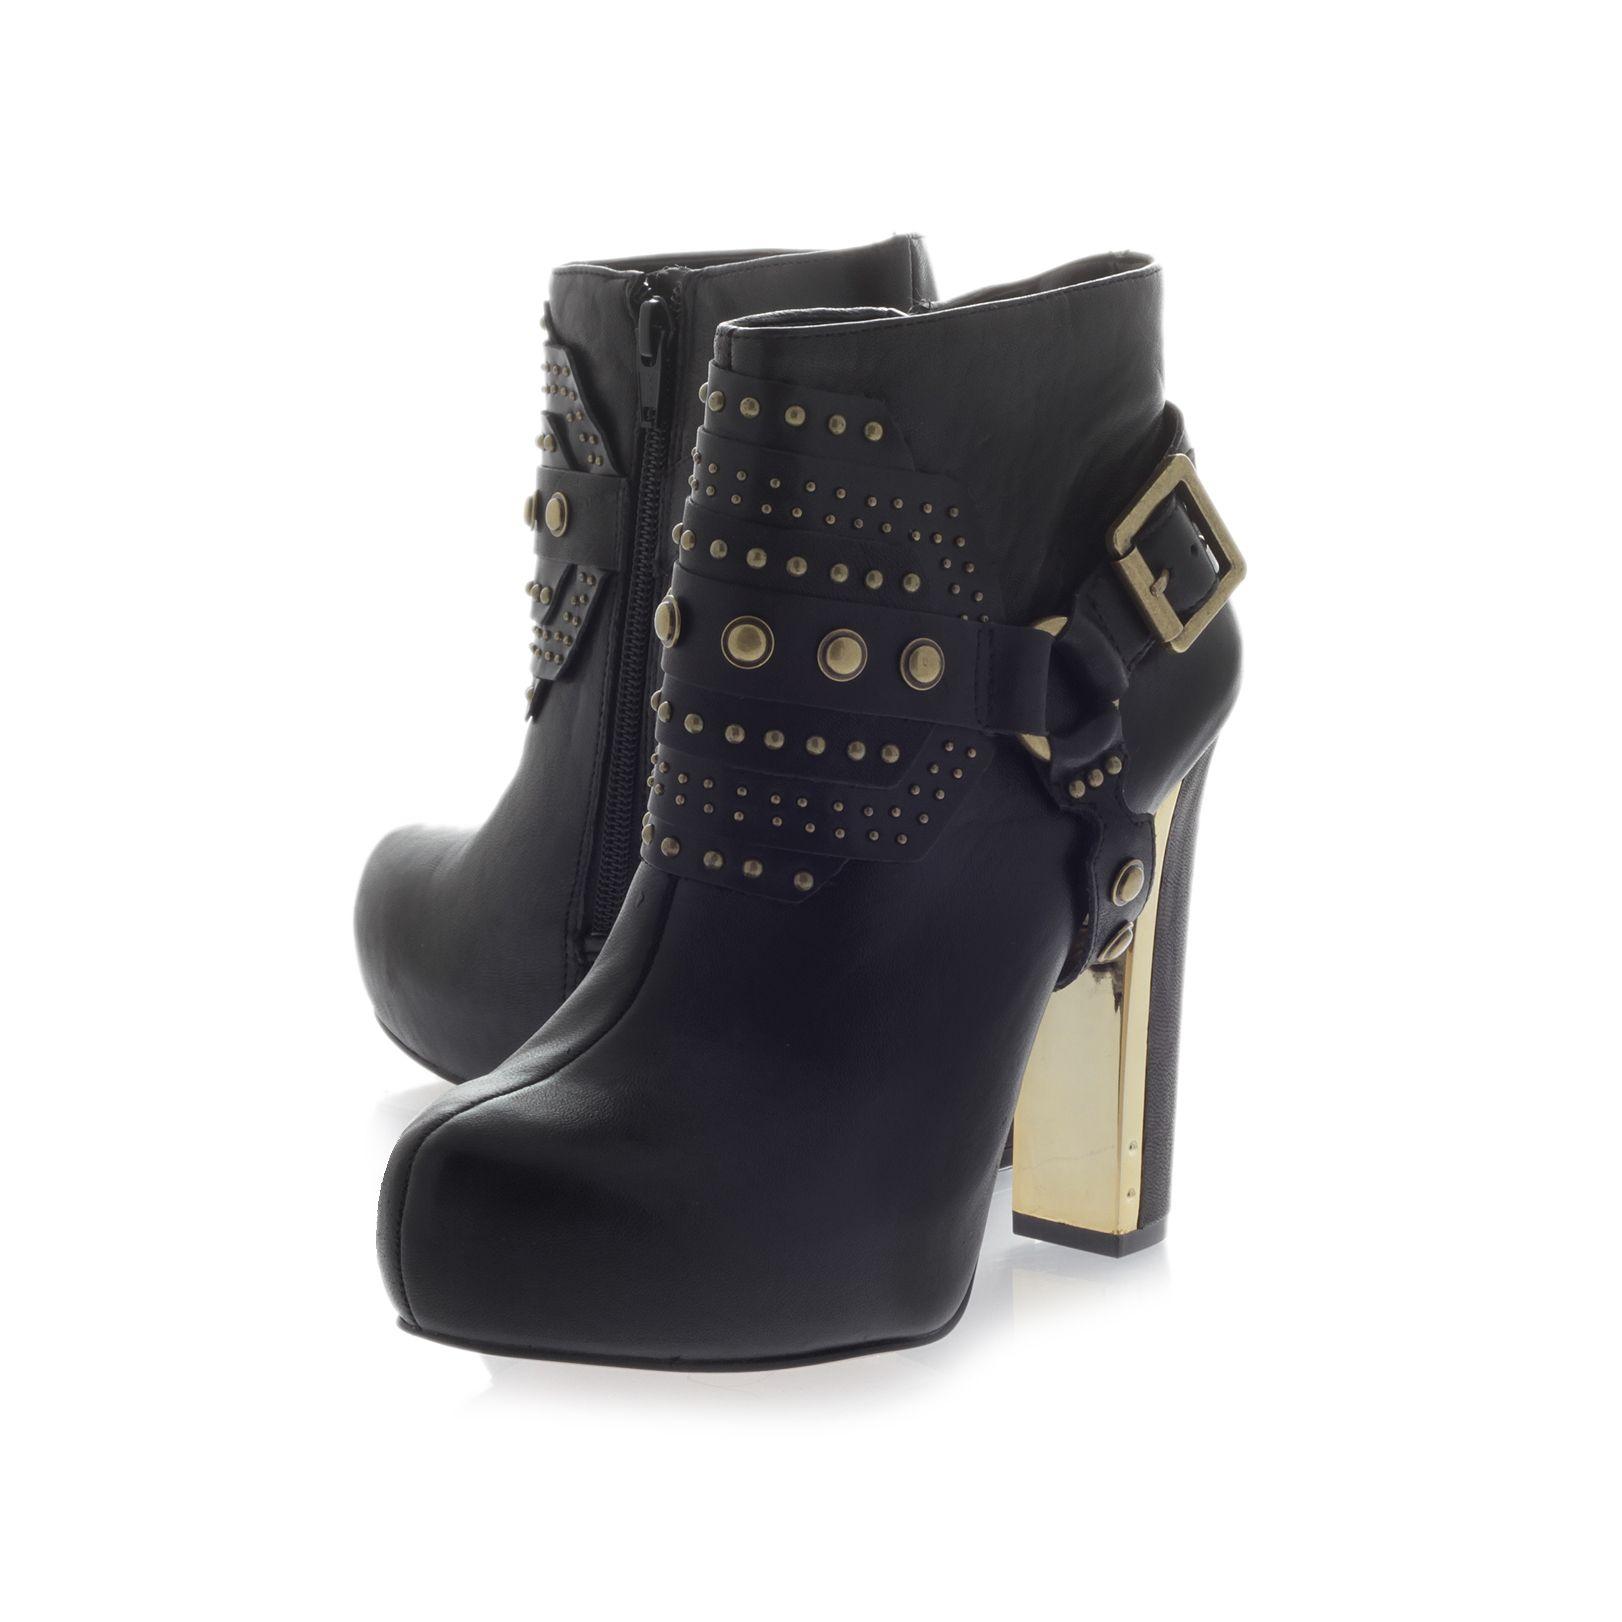 Carvela Kurt Geiger Leather Slim Ankle Boots in Black